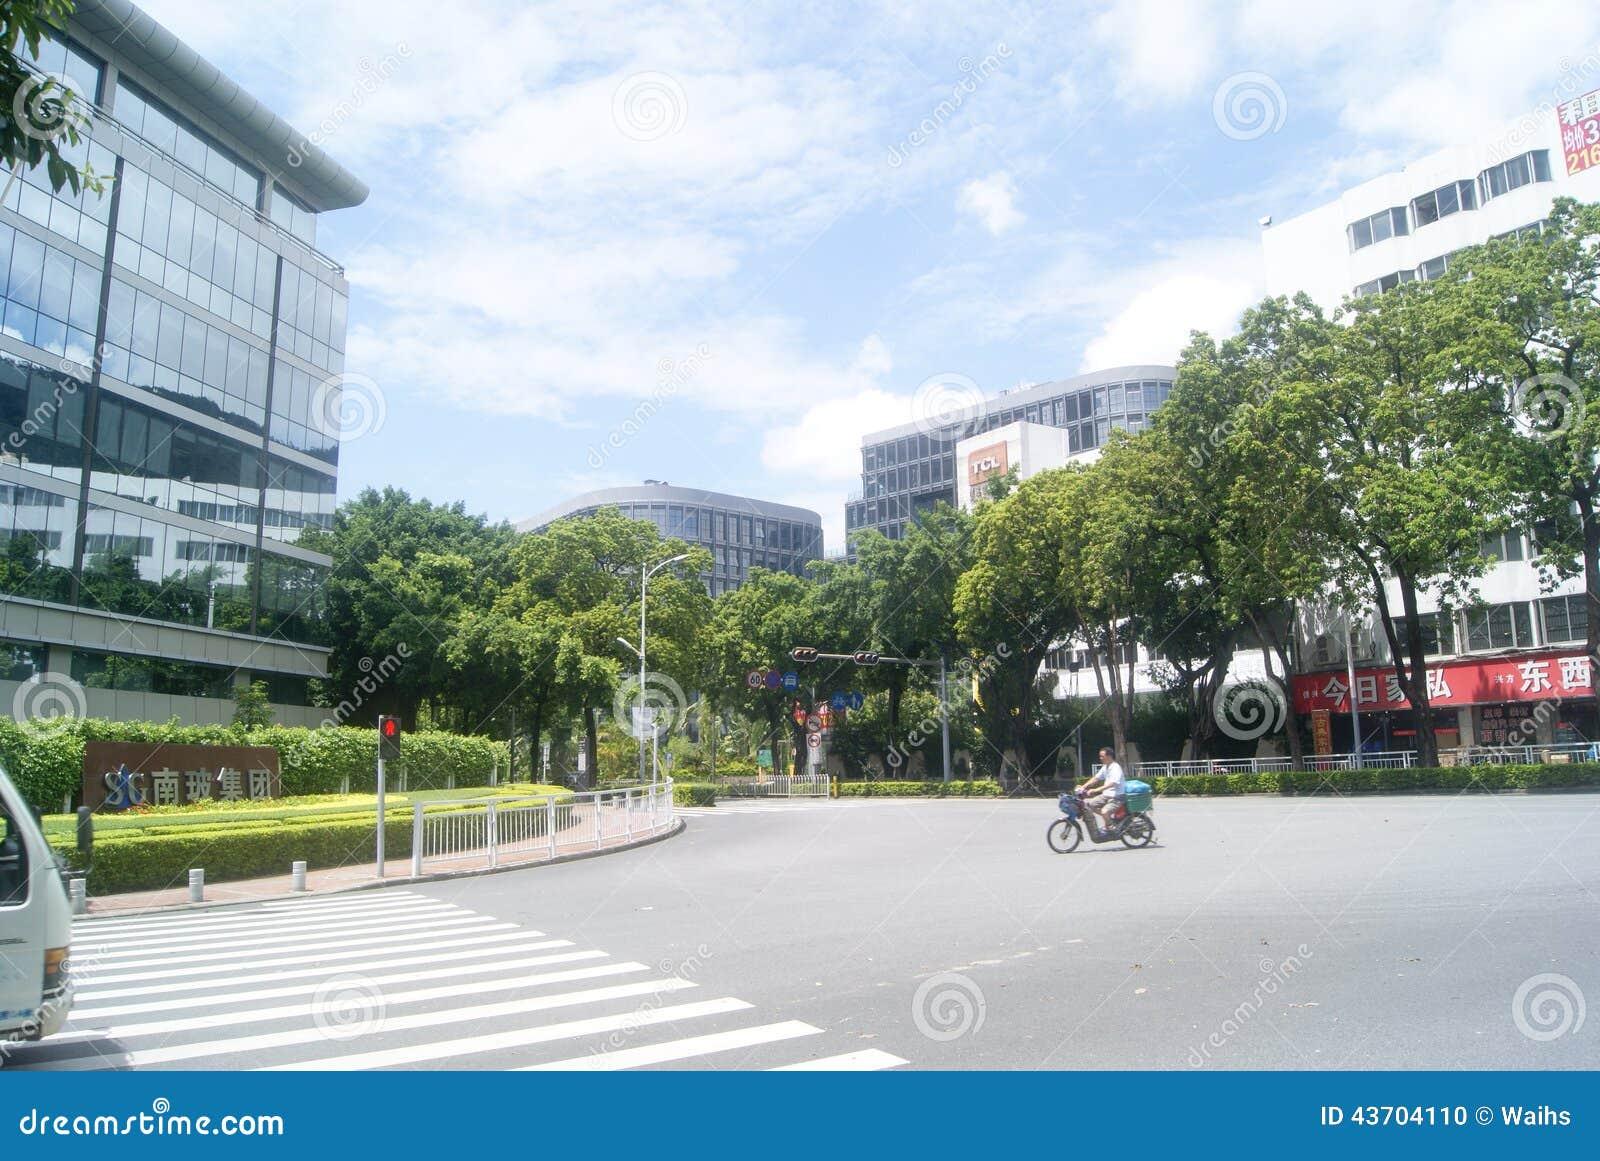 深圳,中国:蛇口街道风景编辑类...